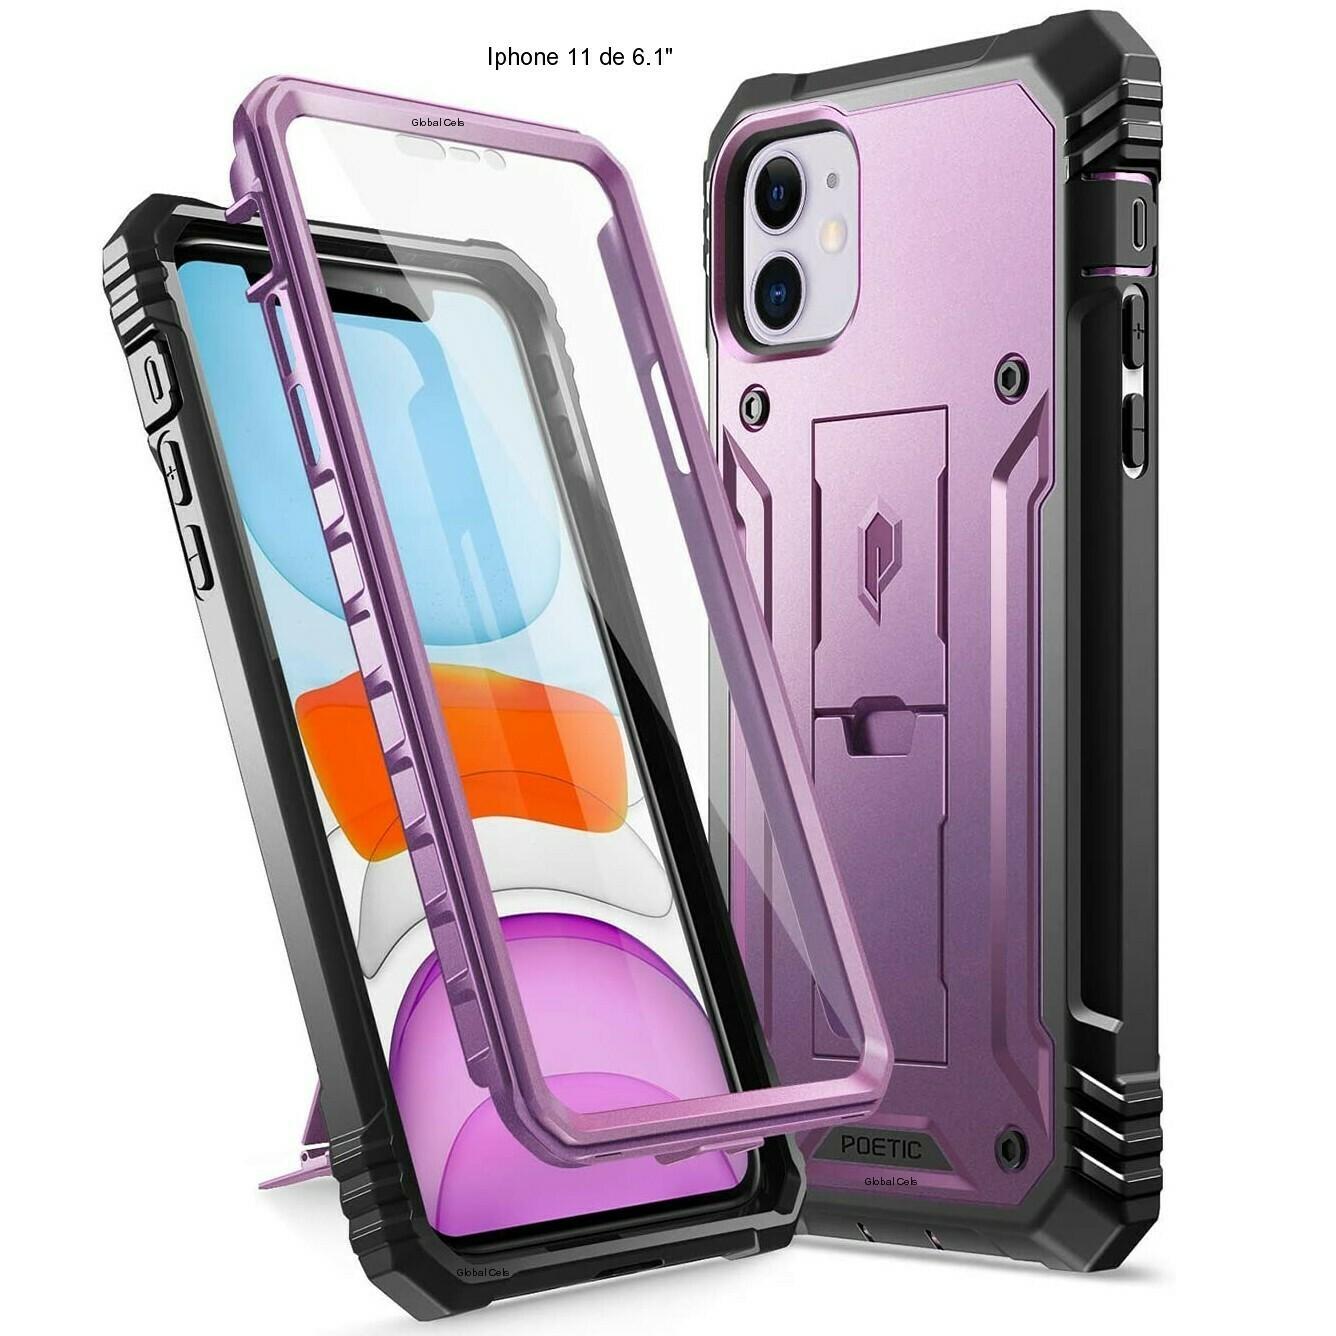 Case Iphone 11 de 6,1